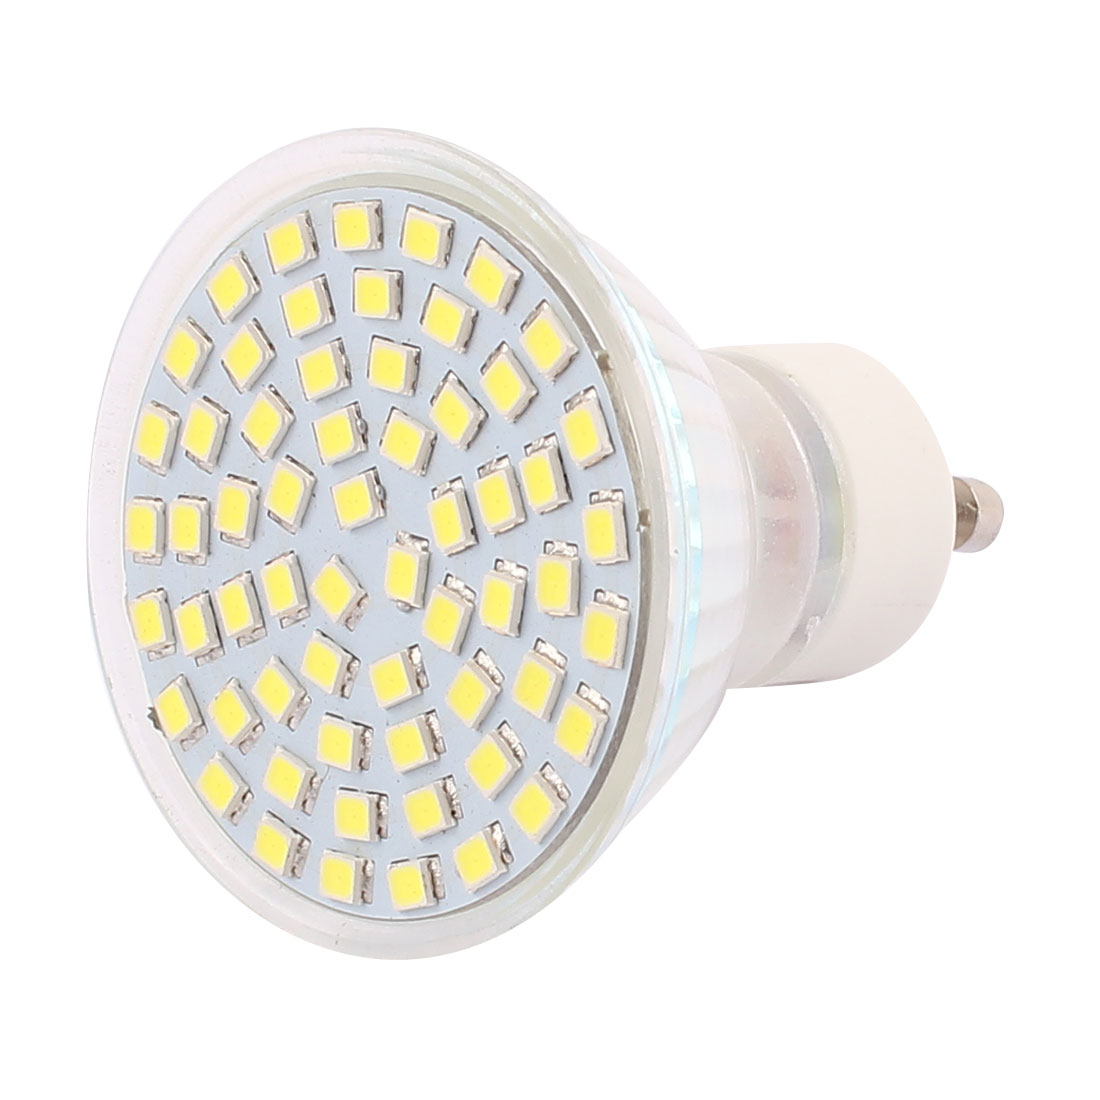 220V-240V GU10 LED Light 6W 2835 SMD 60 LEDs Spotlight Down Lamp Bulb Lighting Pure White